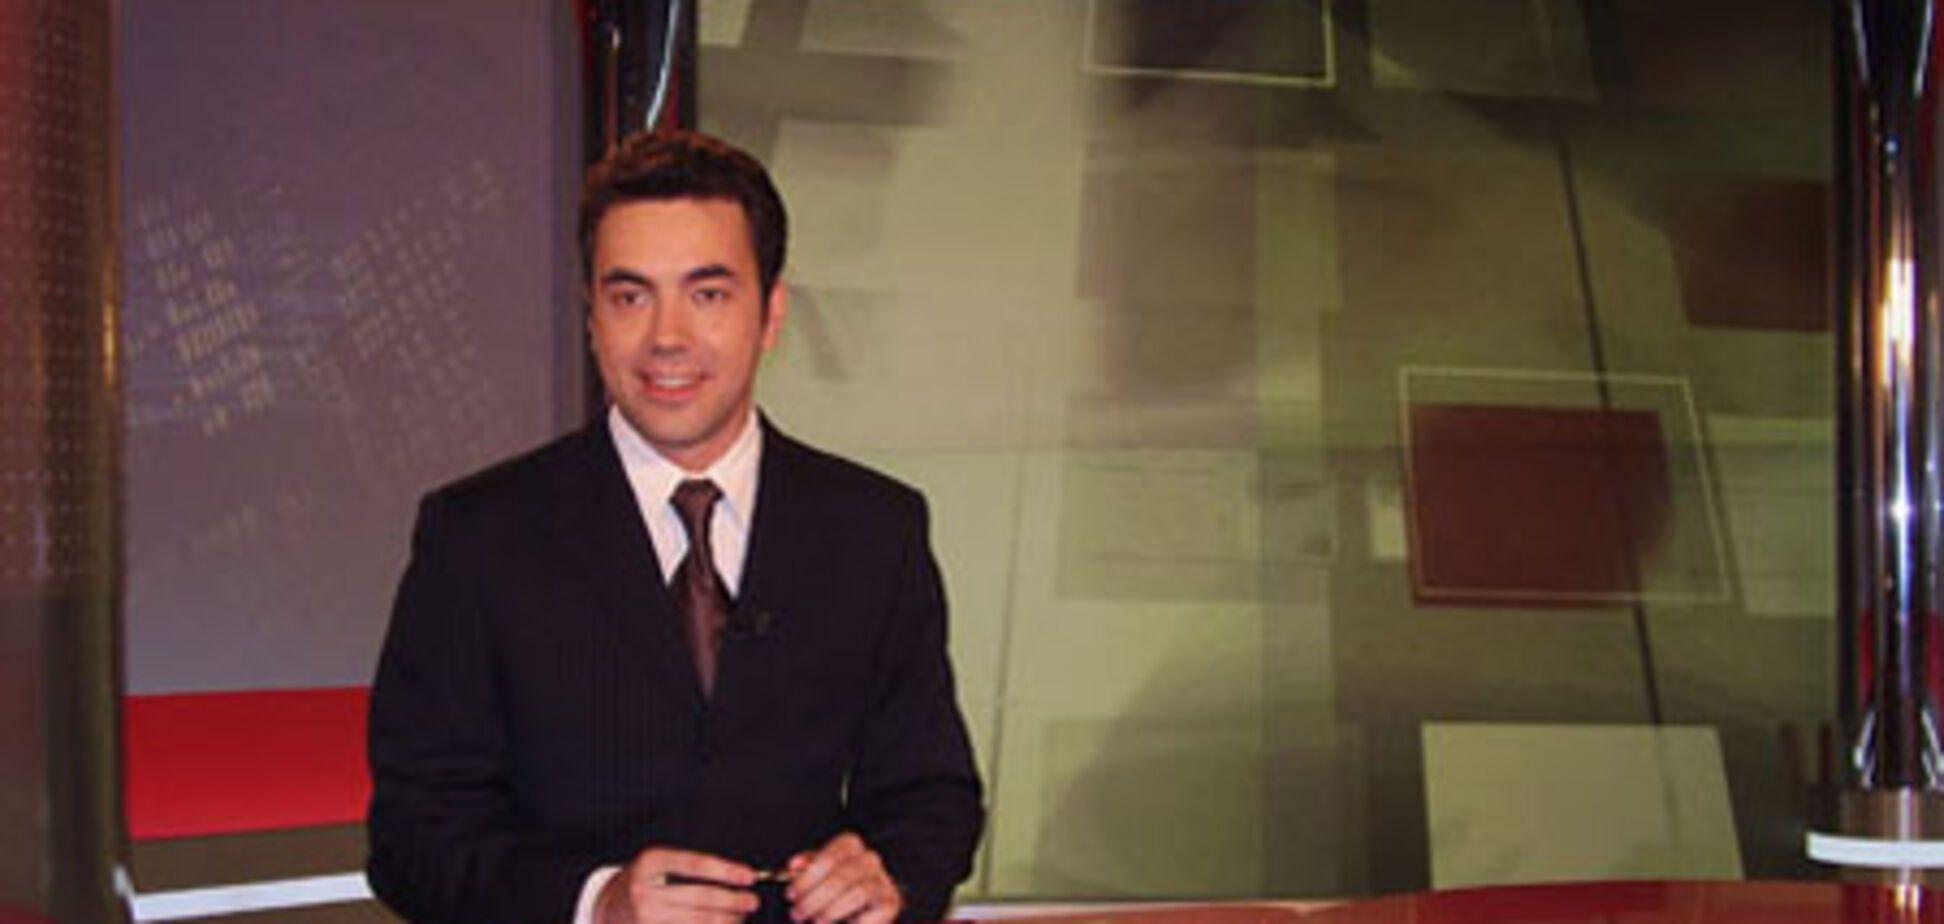 Избитого ведущего 'ТВ-центра' будут оперировать